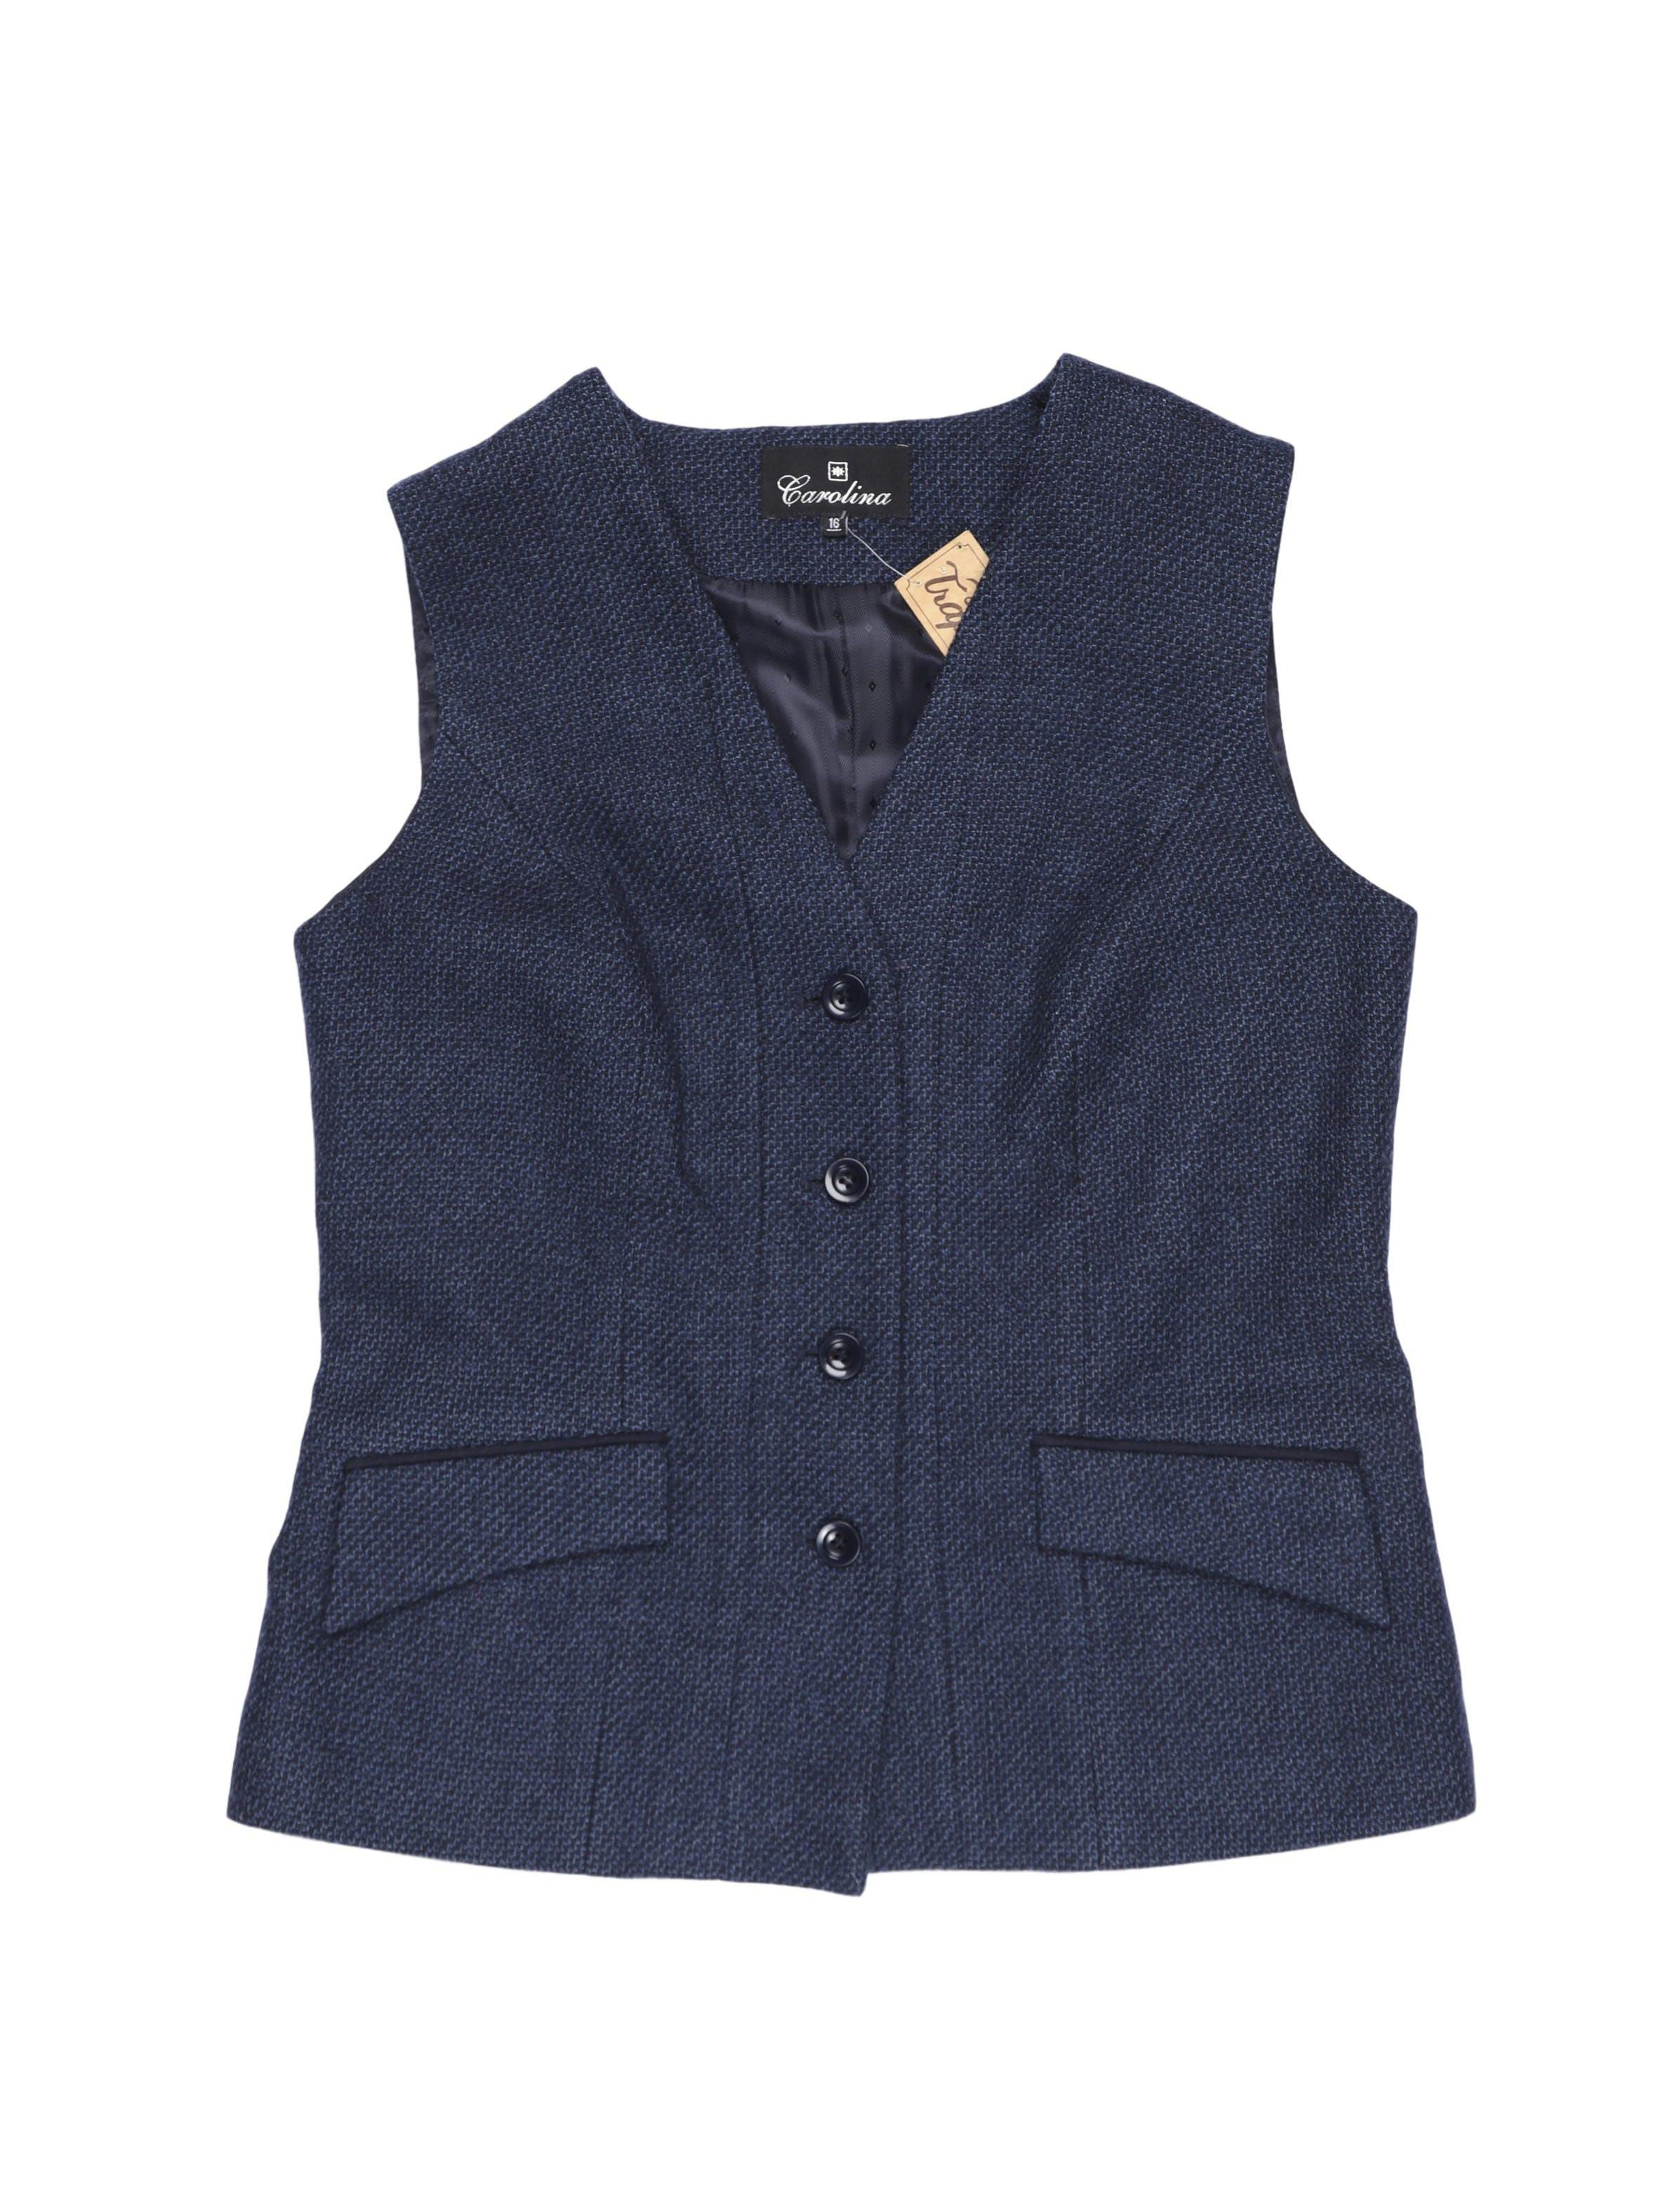 Chaleco Carolina 100% lana azul, forrado, con bolsillos delanteros. Busto 108 cm